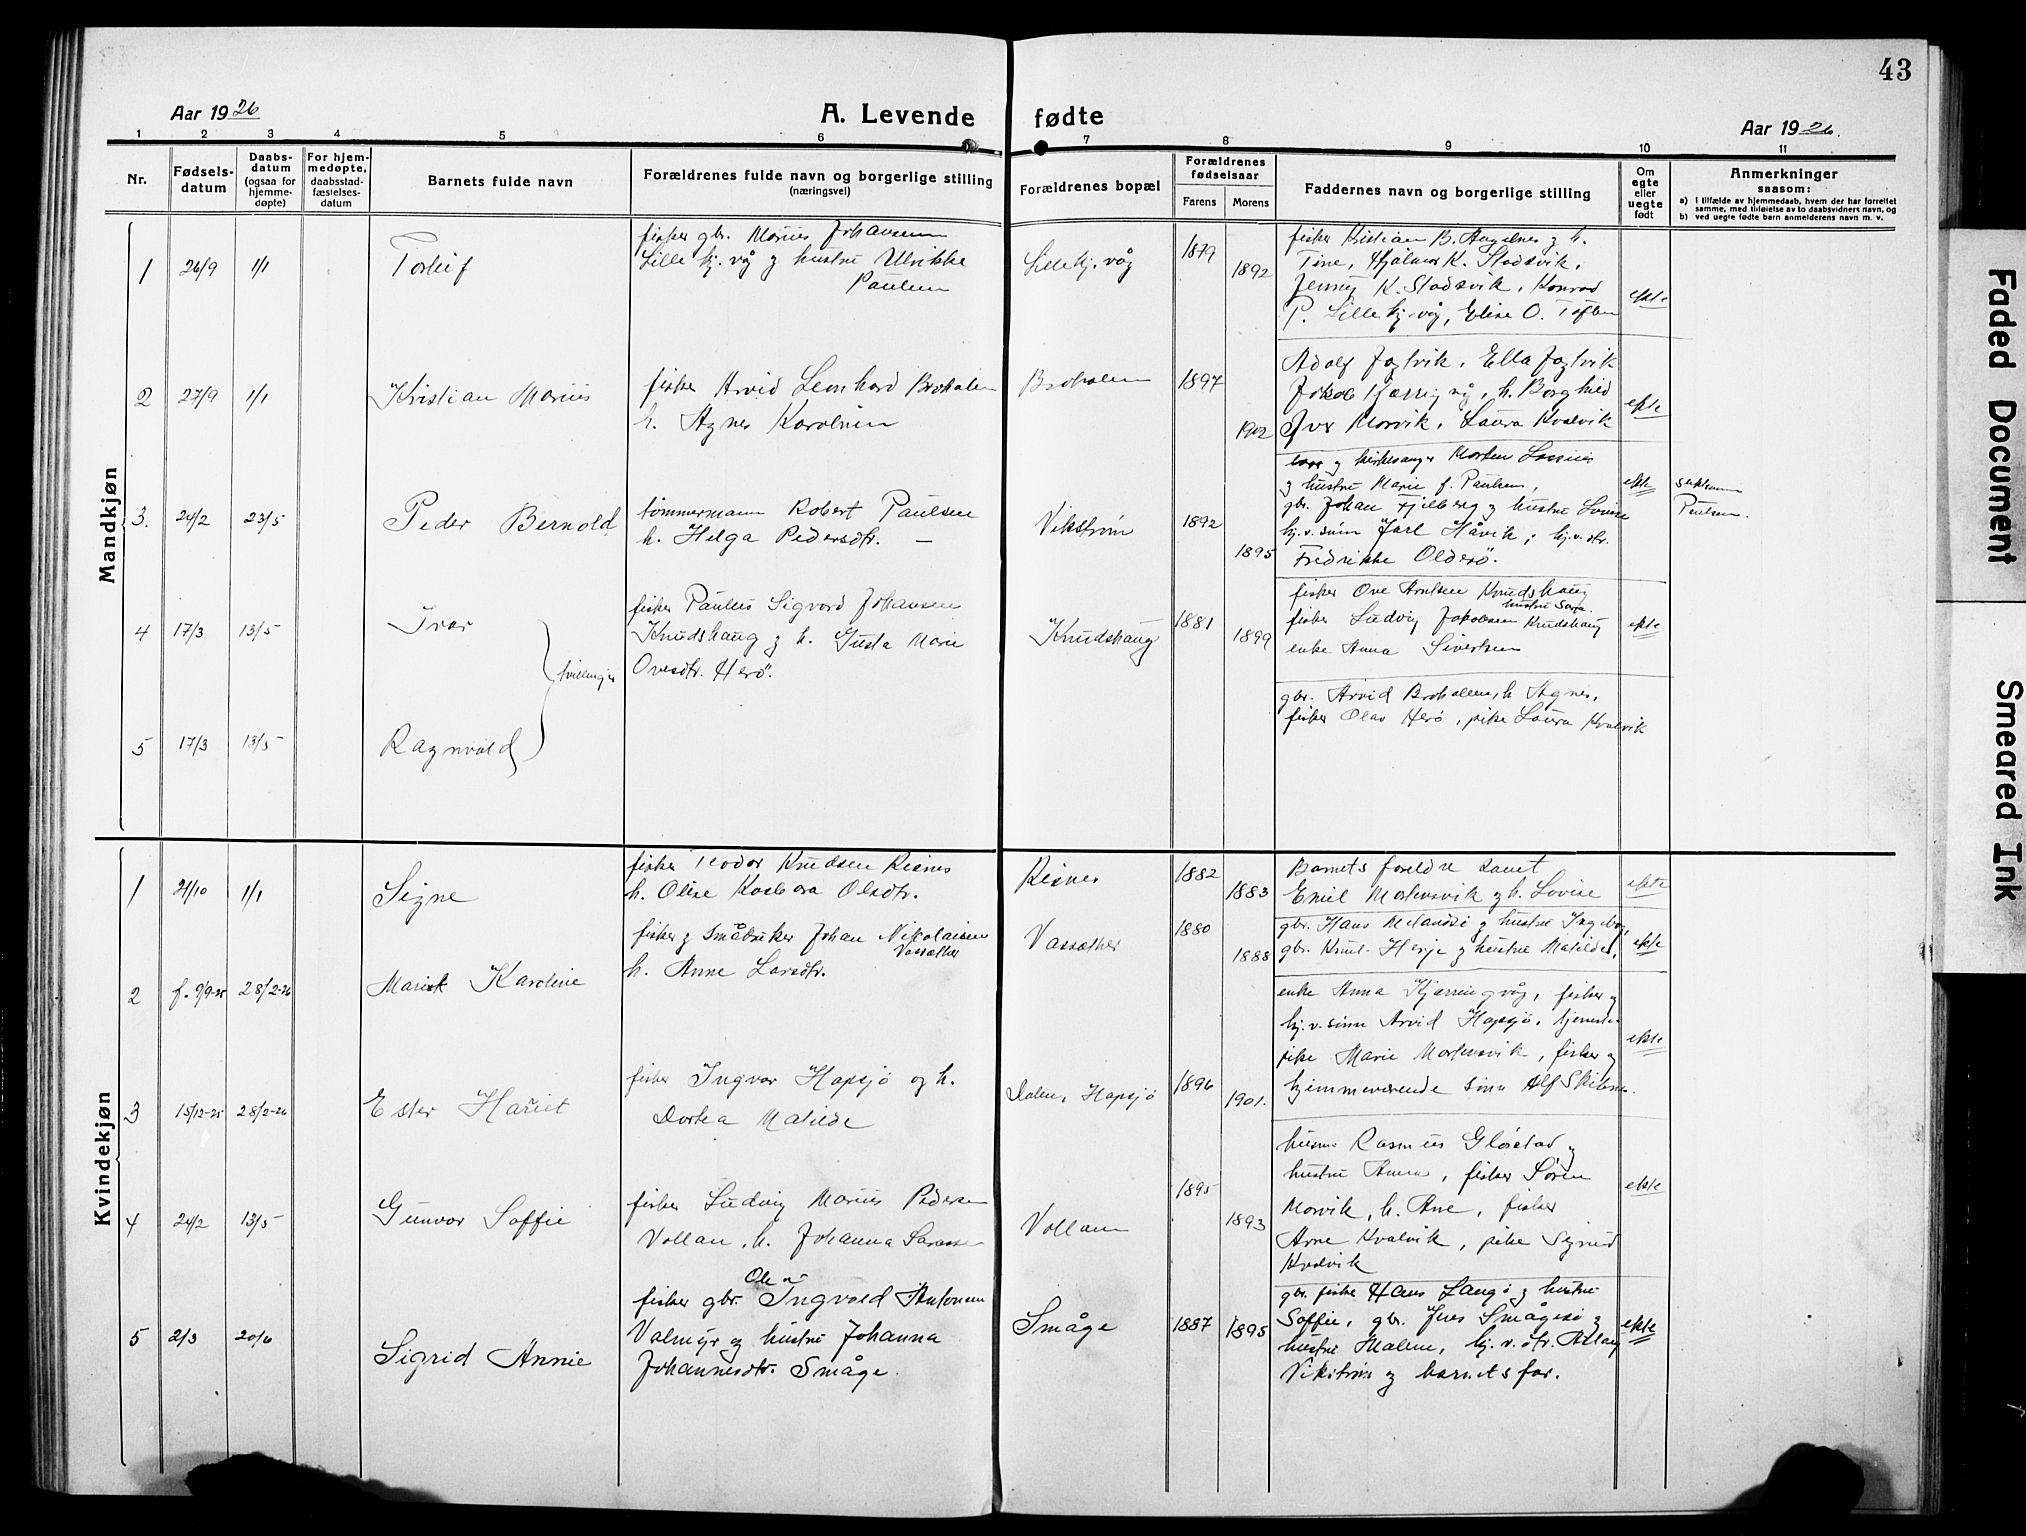 SAT, Ministerialprotokoller, klokkerbøker og fødselsregistre - Sør-Trøndelag, 634/L0543: Klokkerbok nr. 634C05, 1917-1928, s. 43